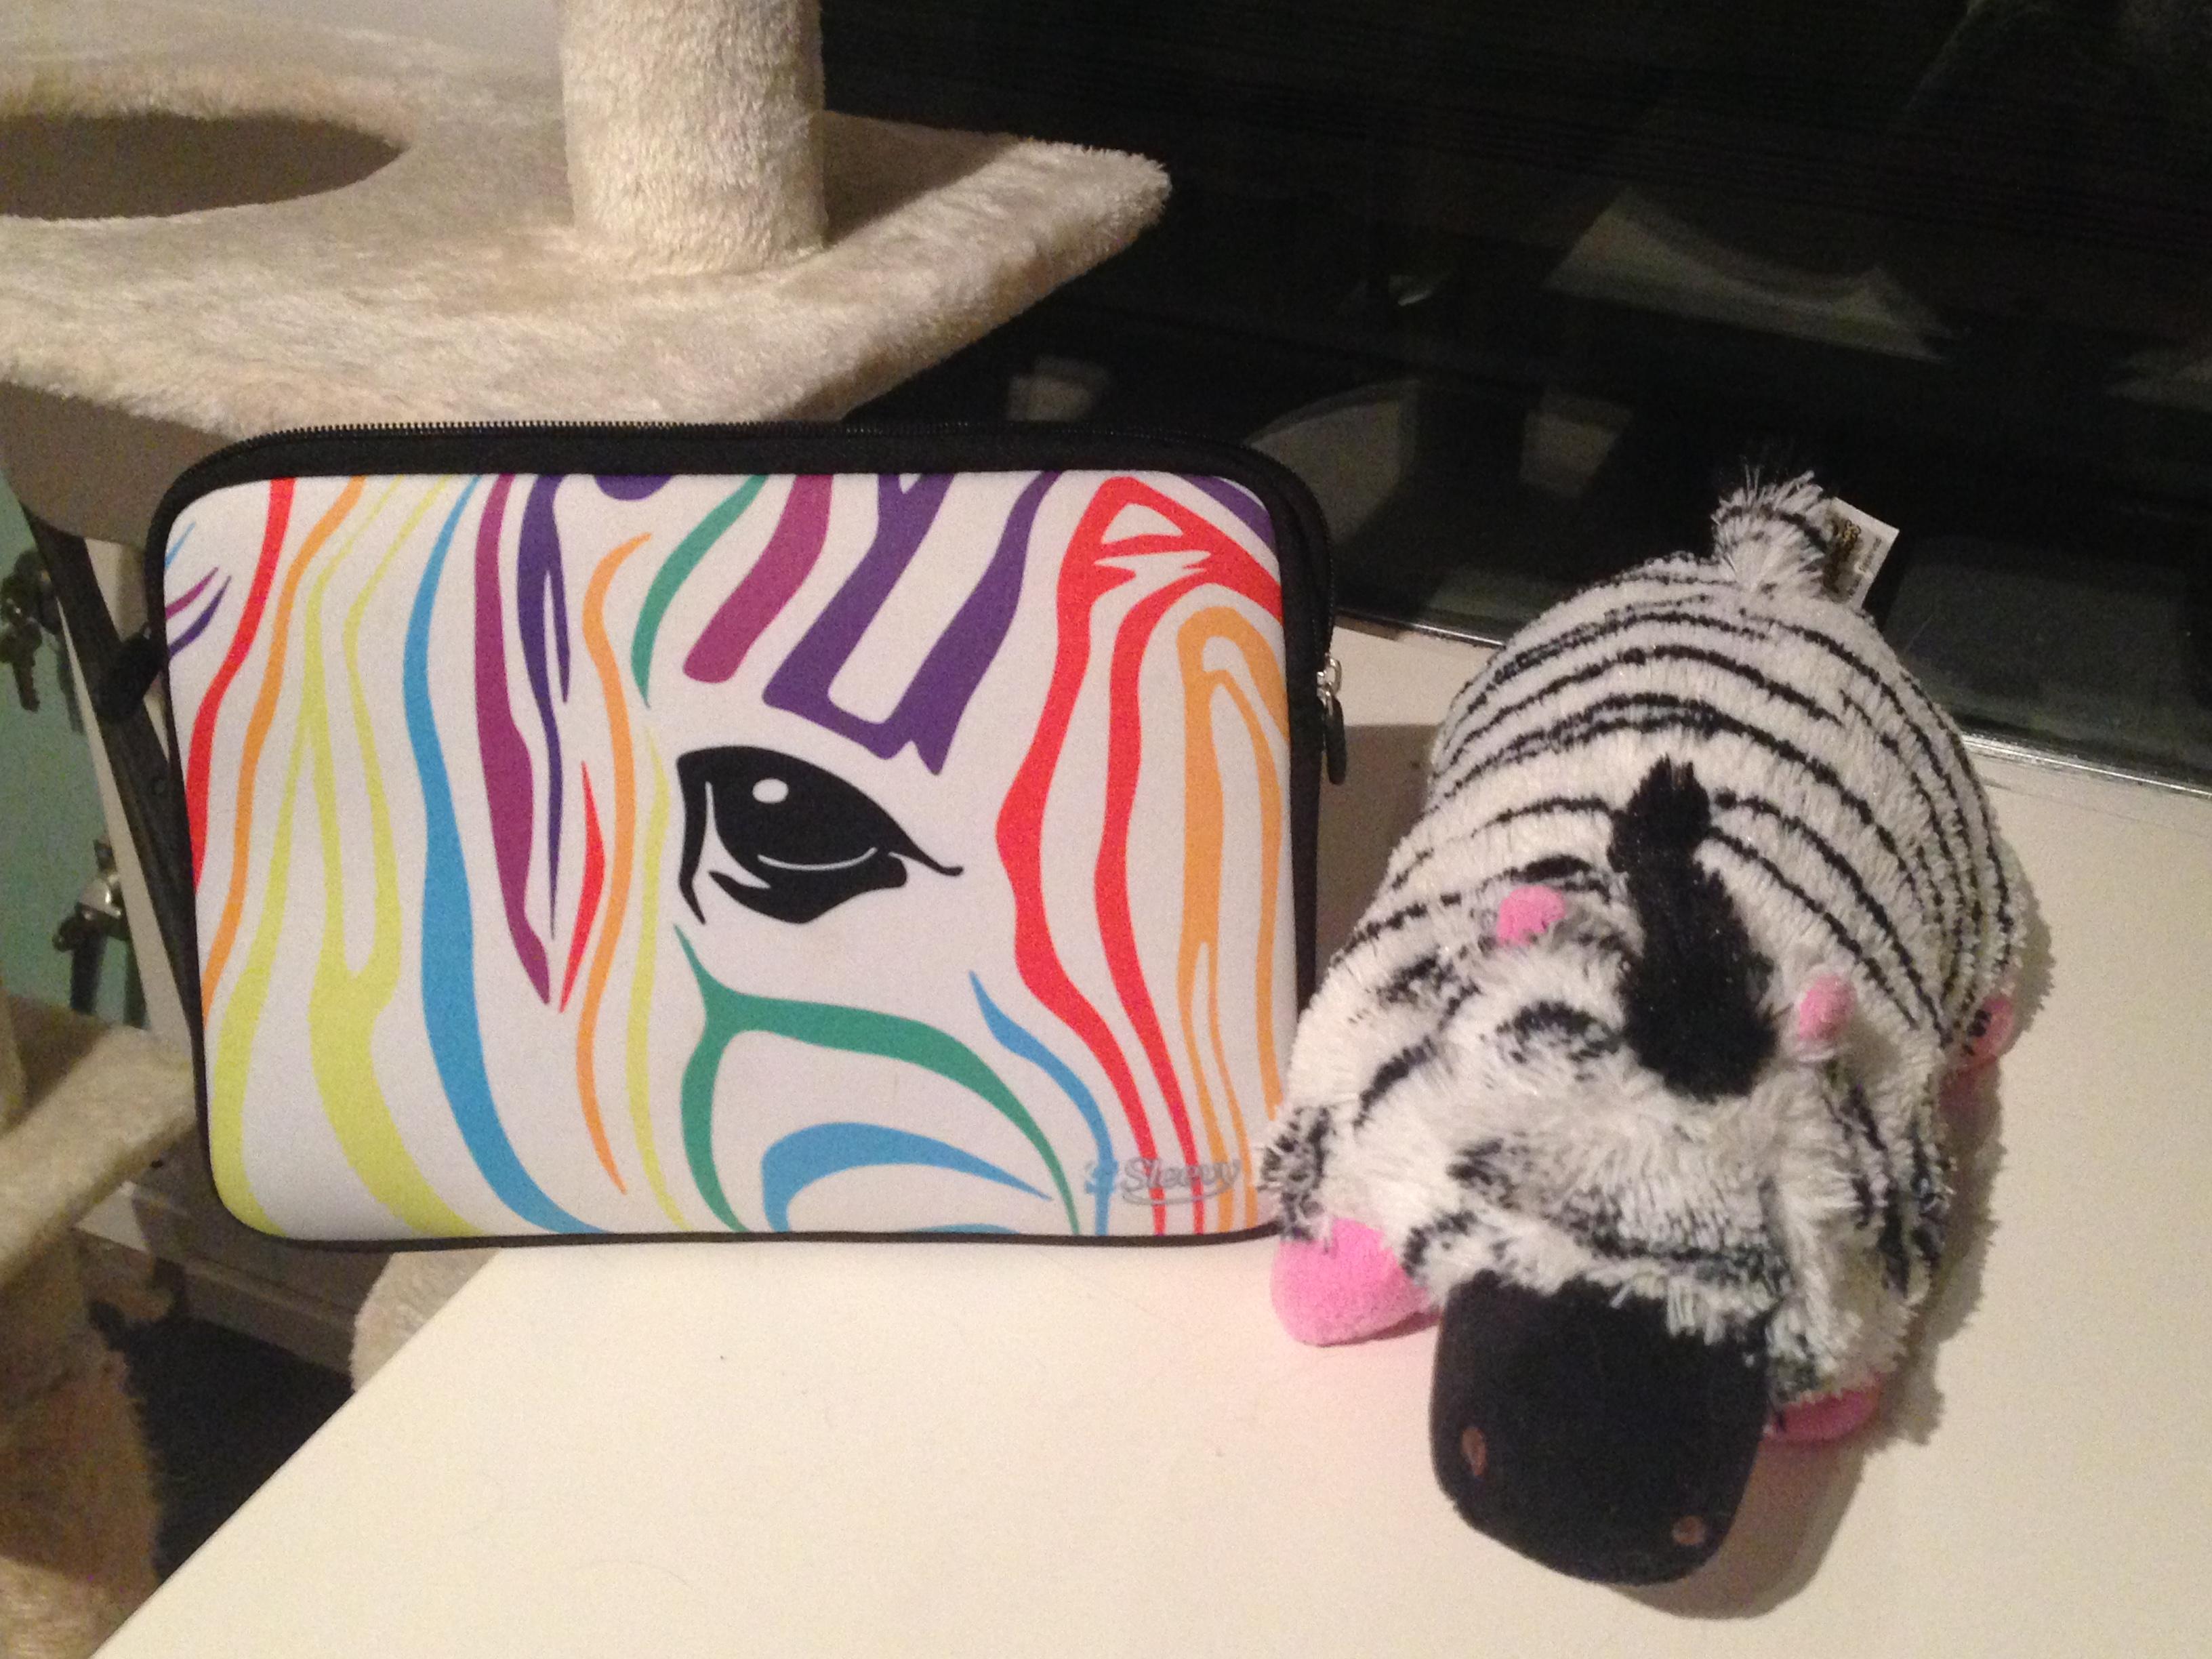 Zebra - Amanda's Update